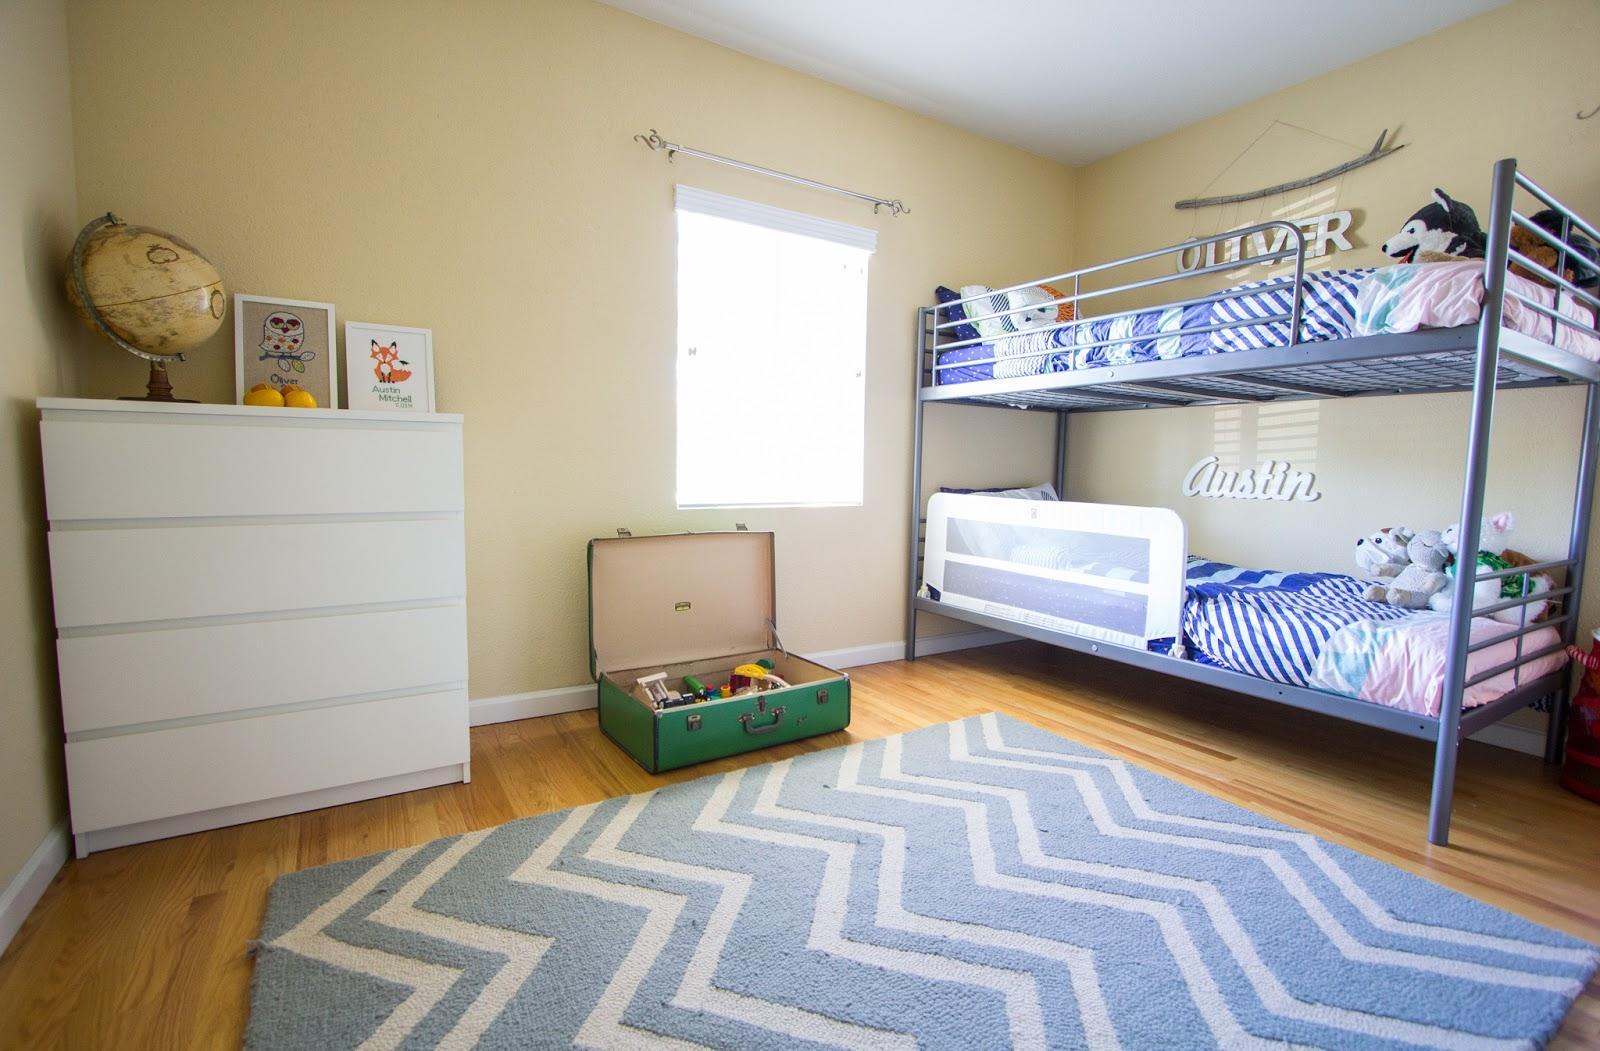 Дизайн детской комнаты для двух мальчиков с ковром